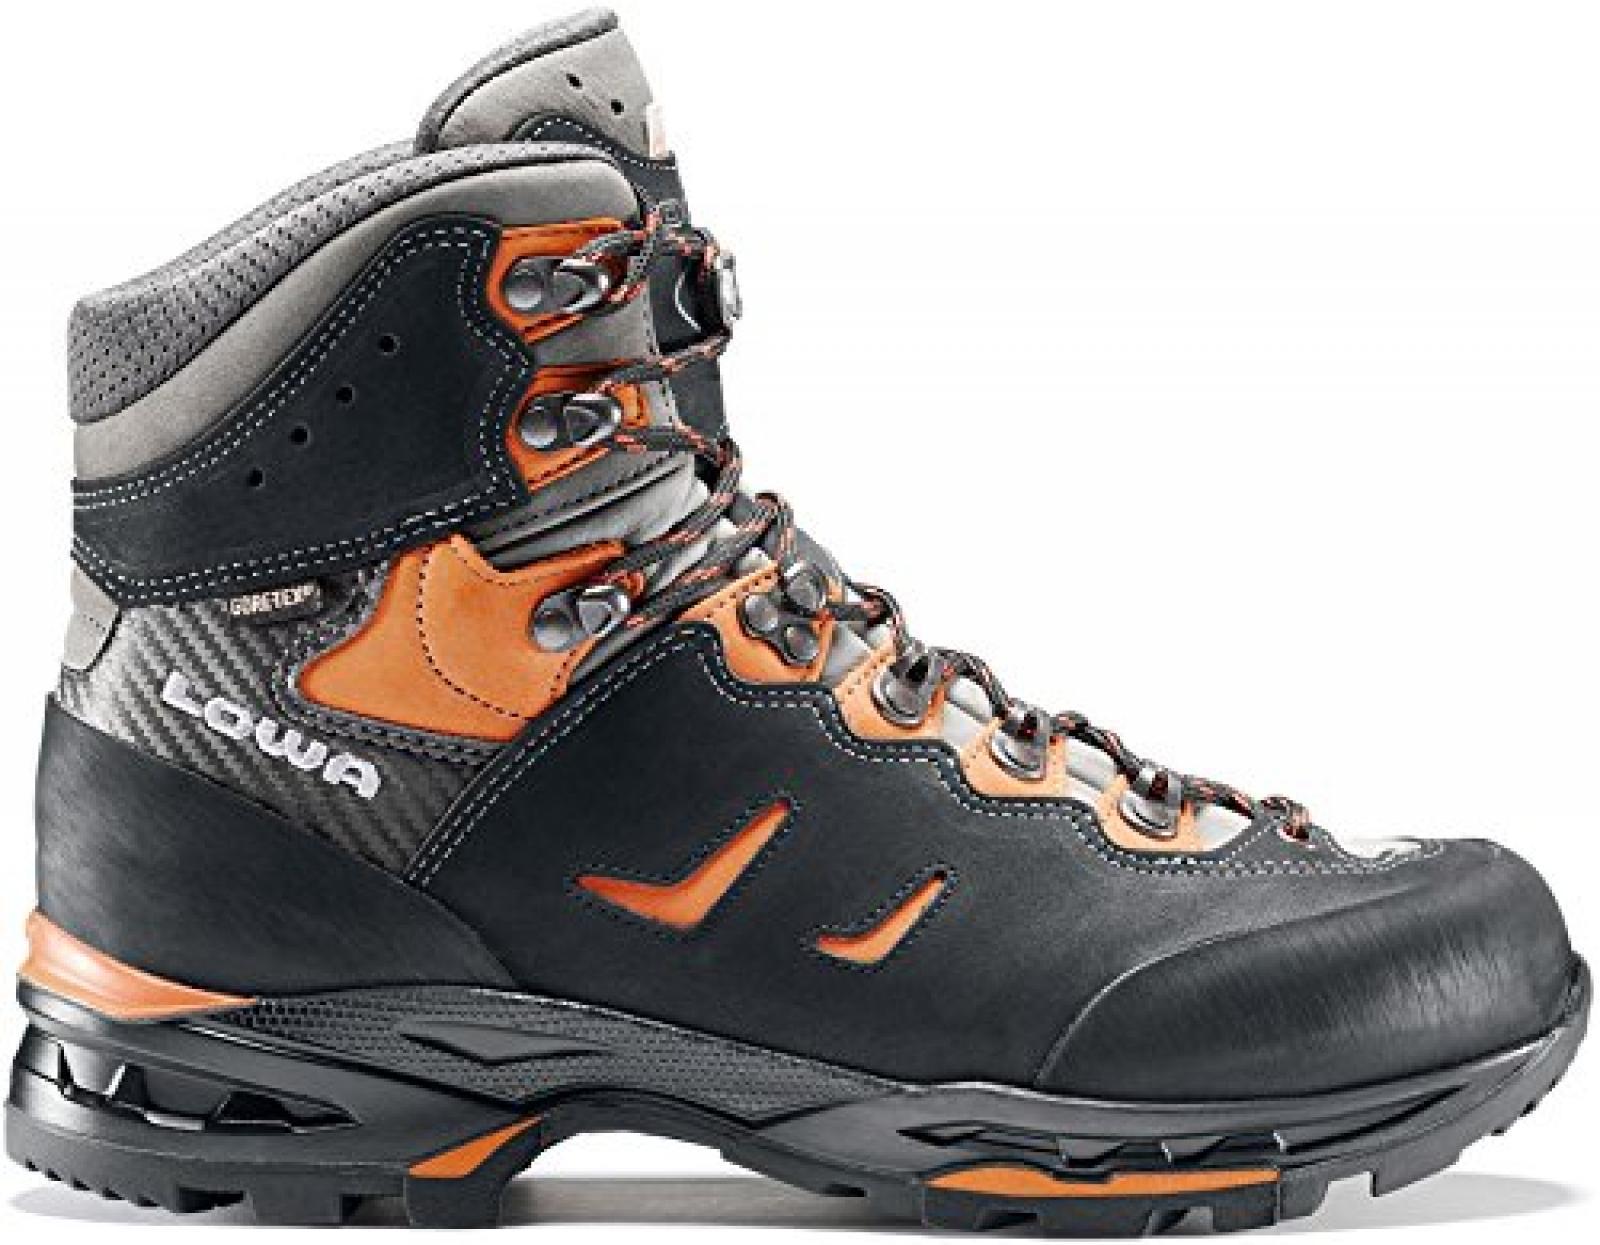 Lowa Men Camino GTX WXL Trekkingschuh Gore-Tex (weit) / 210645 0920 Wanderstiefel Herren